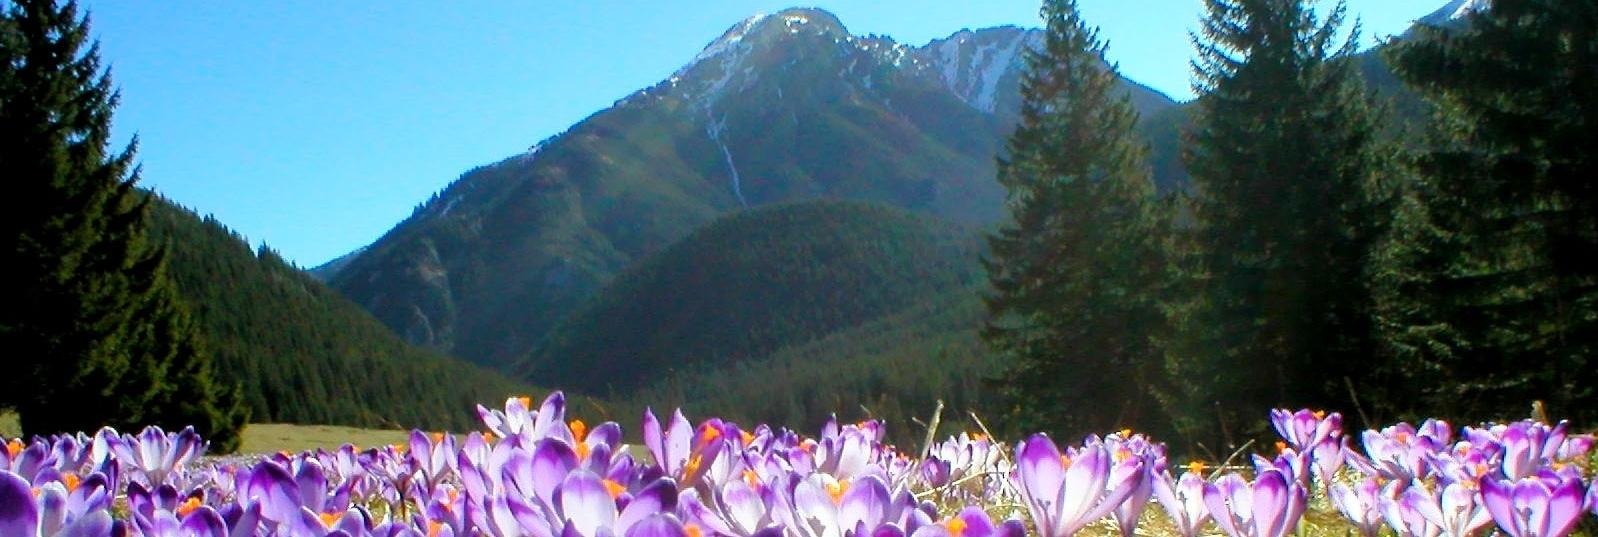 Wiosna weekend Zakopane